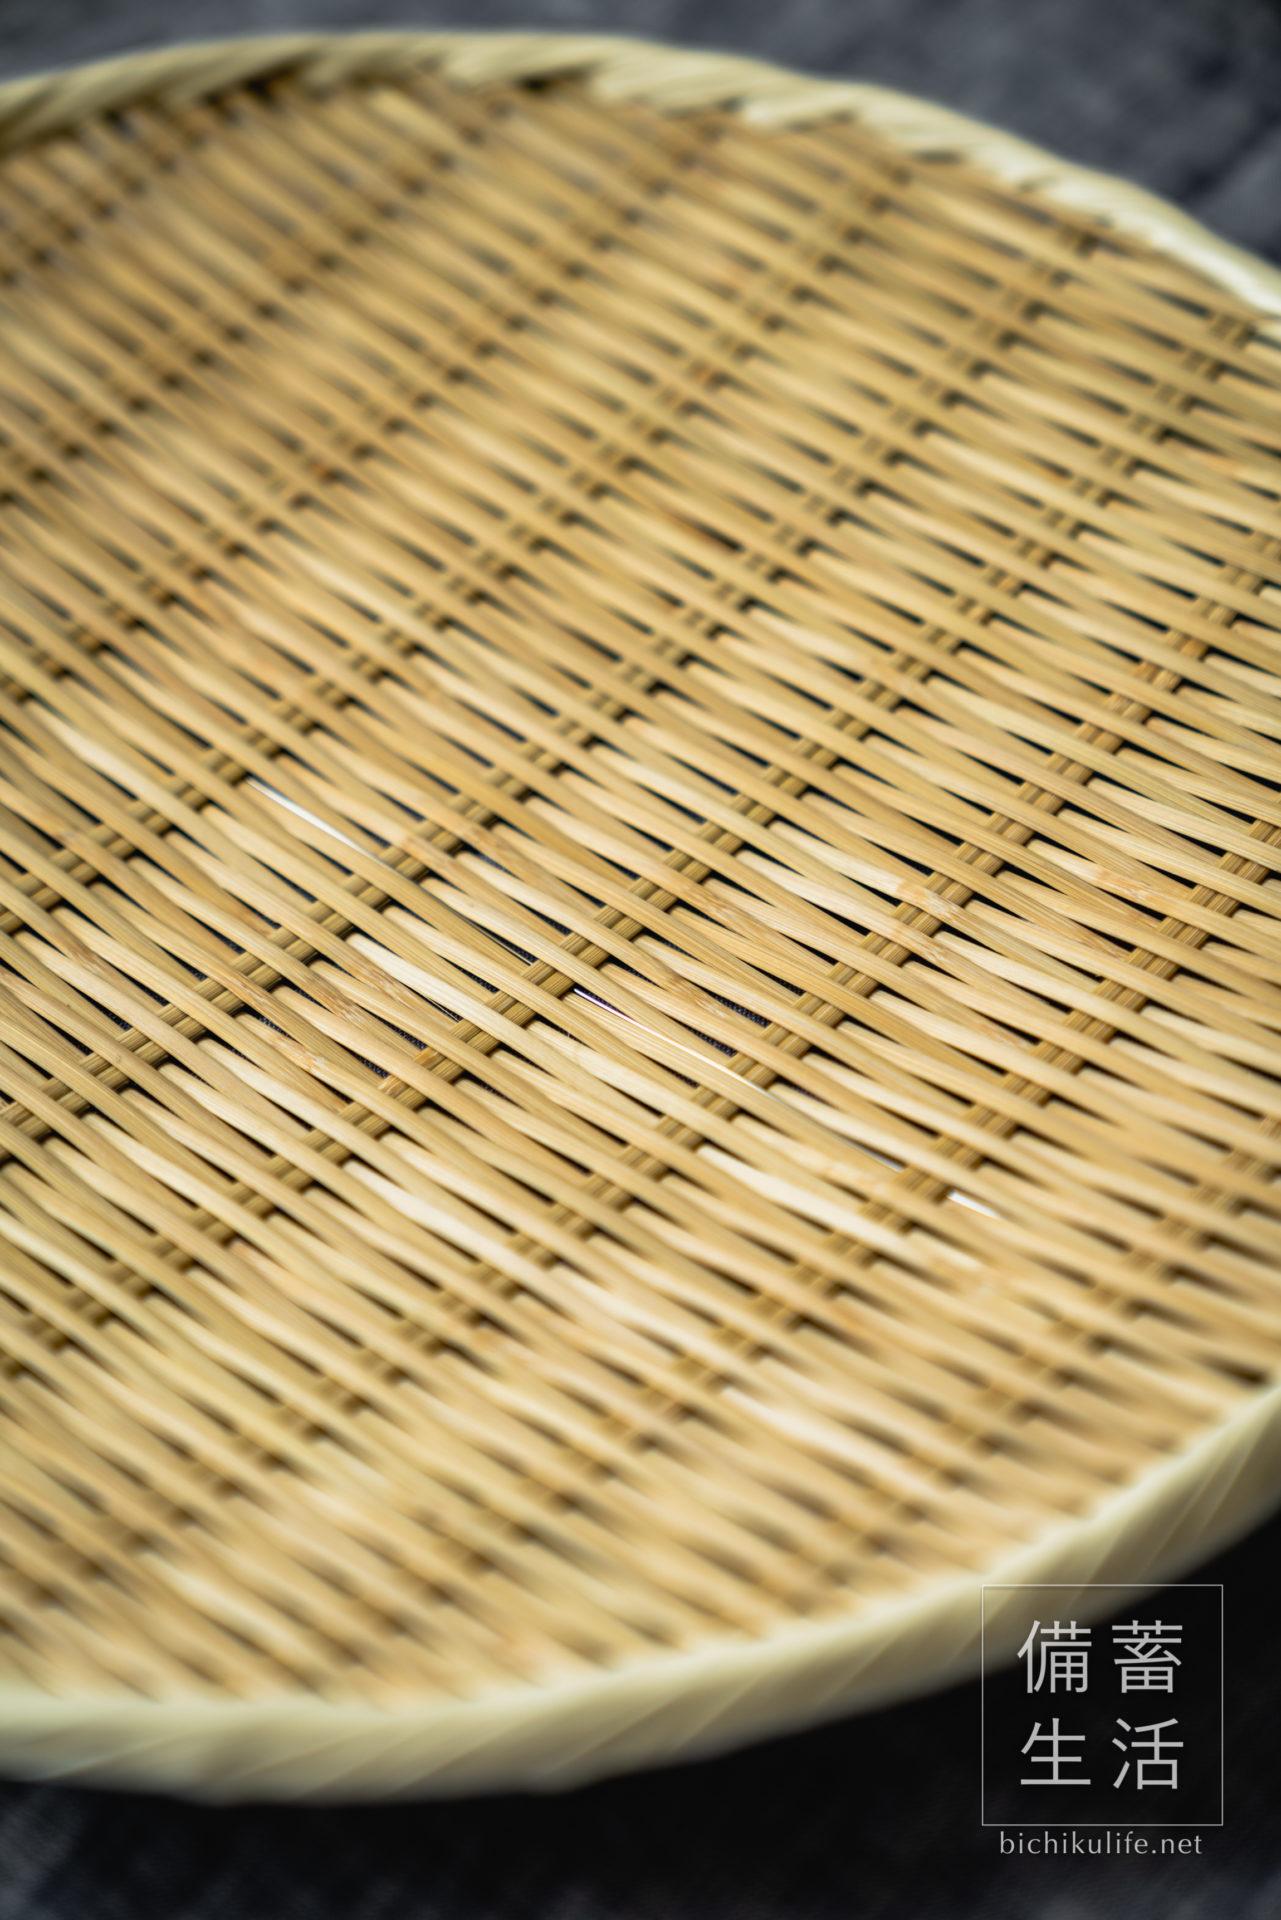 日本製の竹ざる 梅沢木材工芸社 干し野菜にぴったり